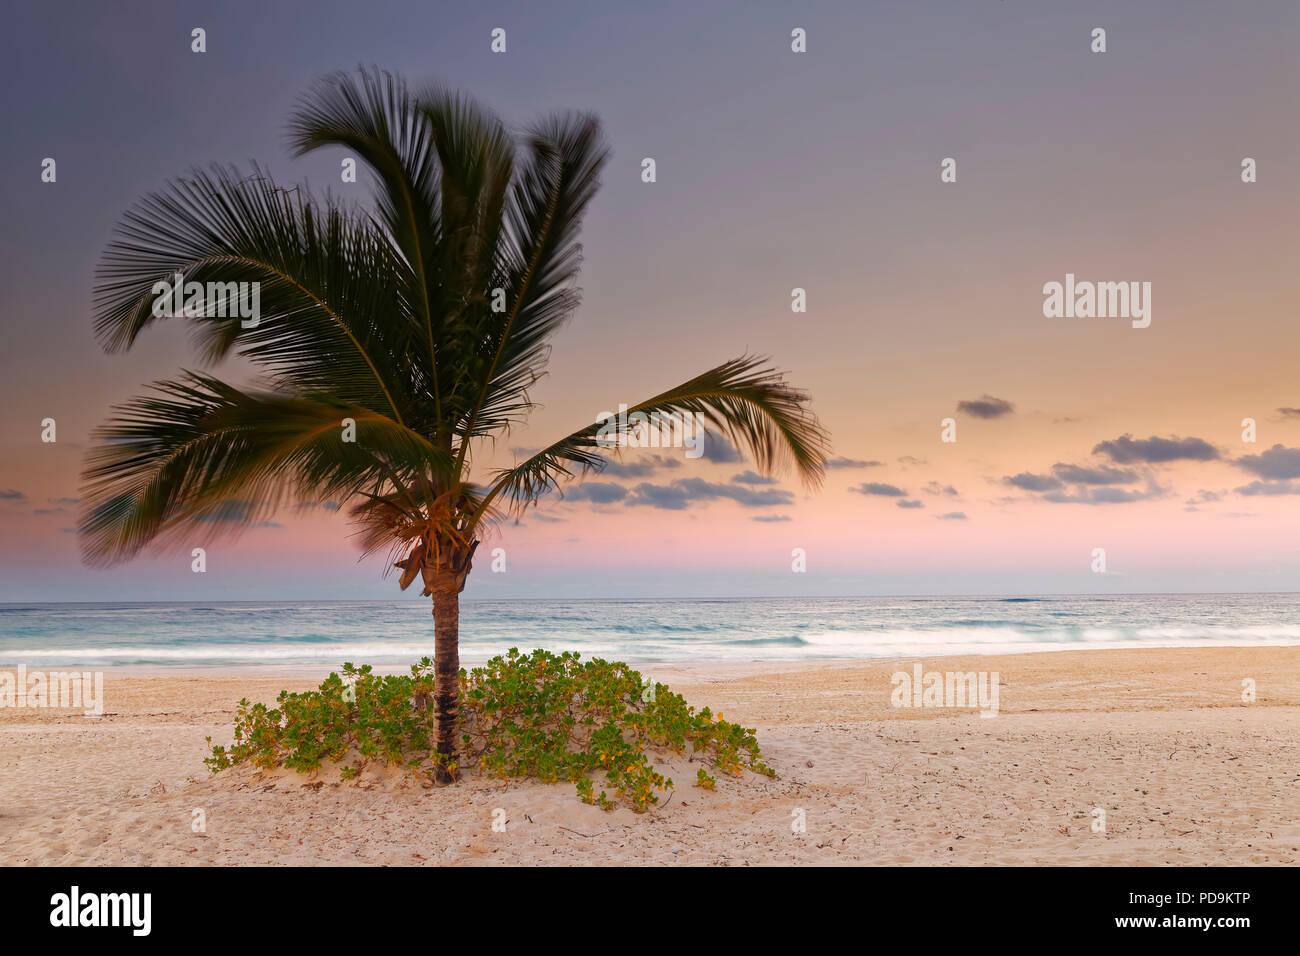 Crépuscule sur la plage de sable fin avec palmiers, Playa Bavaro, Punta Cana, République Dominicaine Photo Stock